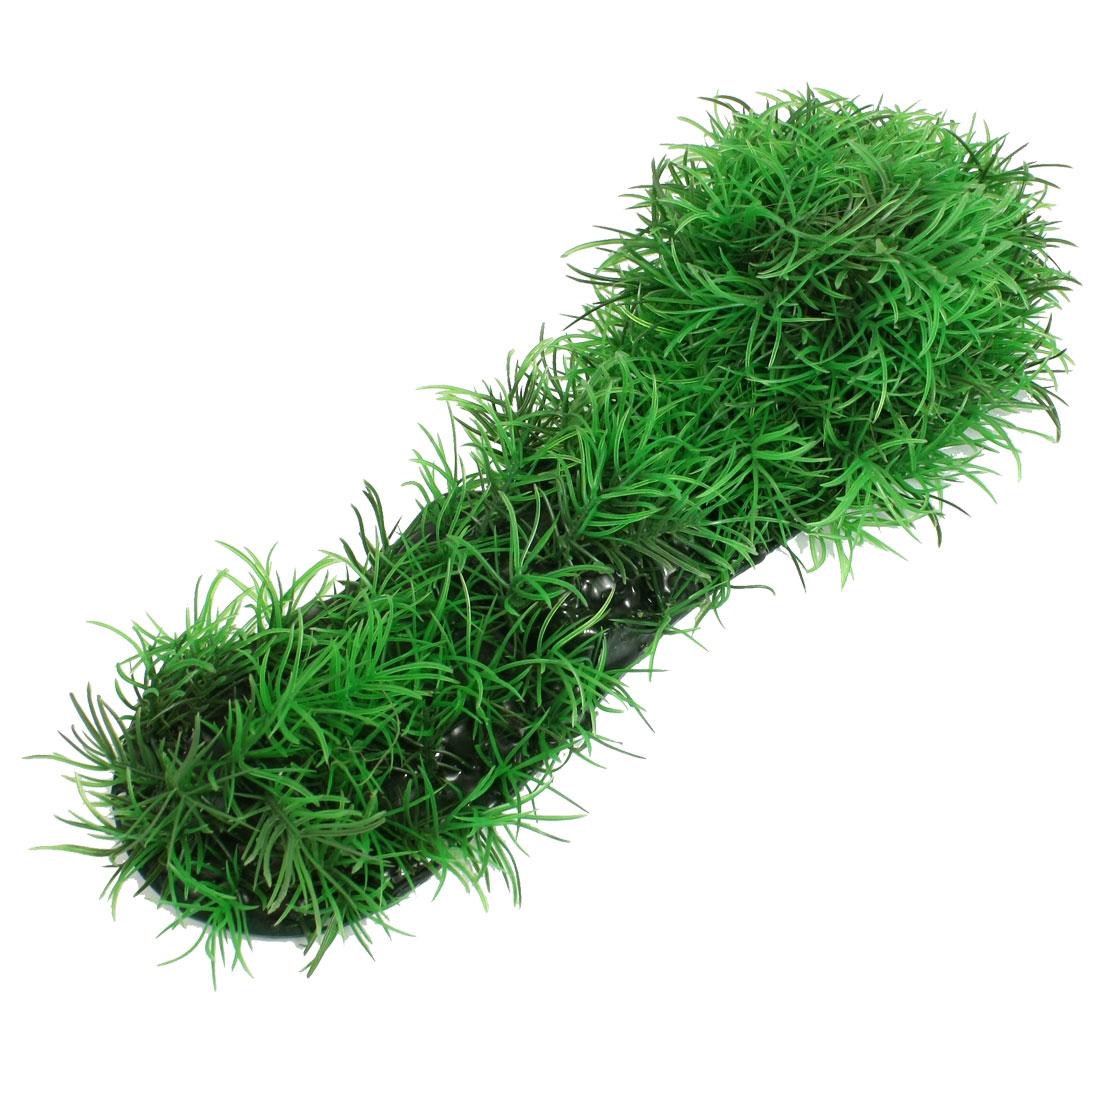 Aquarium Decorative Aquascaping Green Plastic Plant Grass